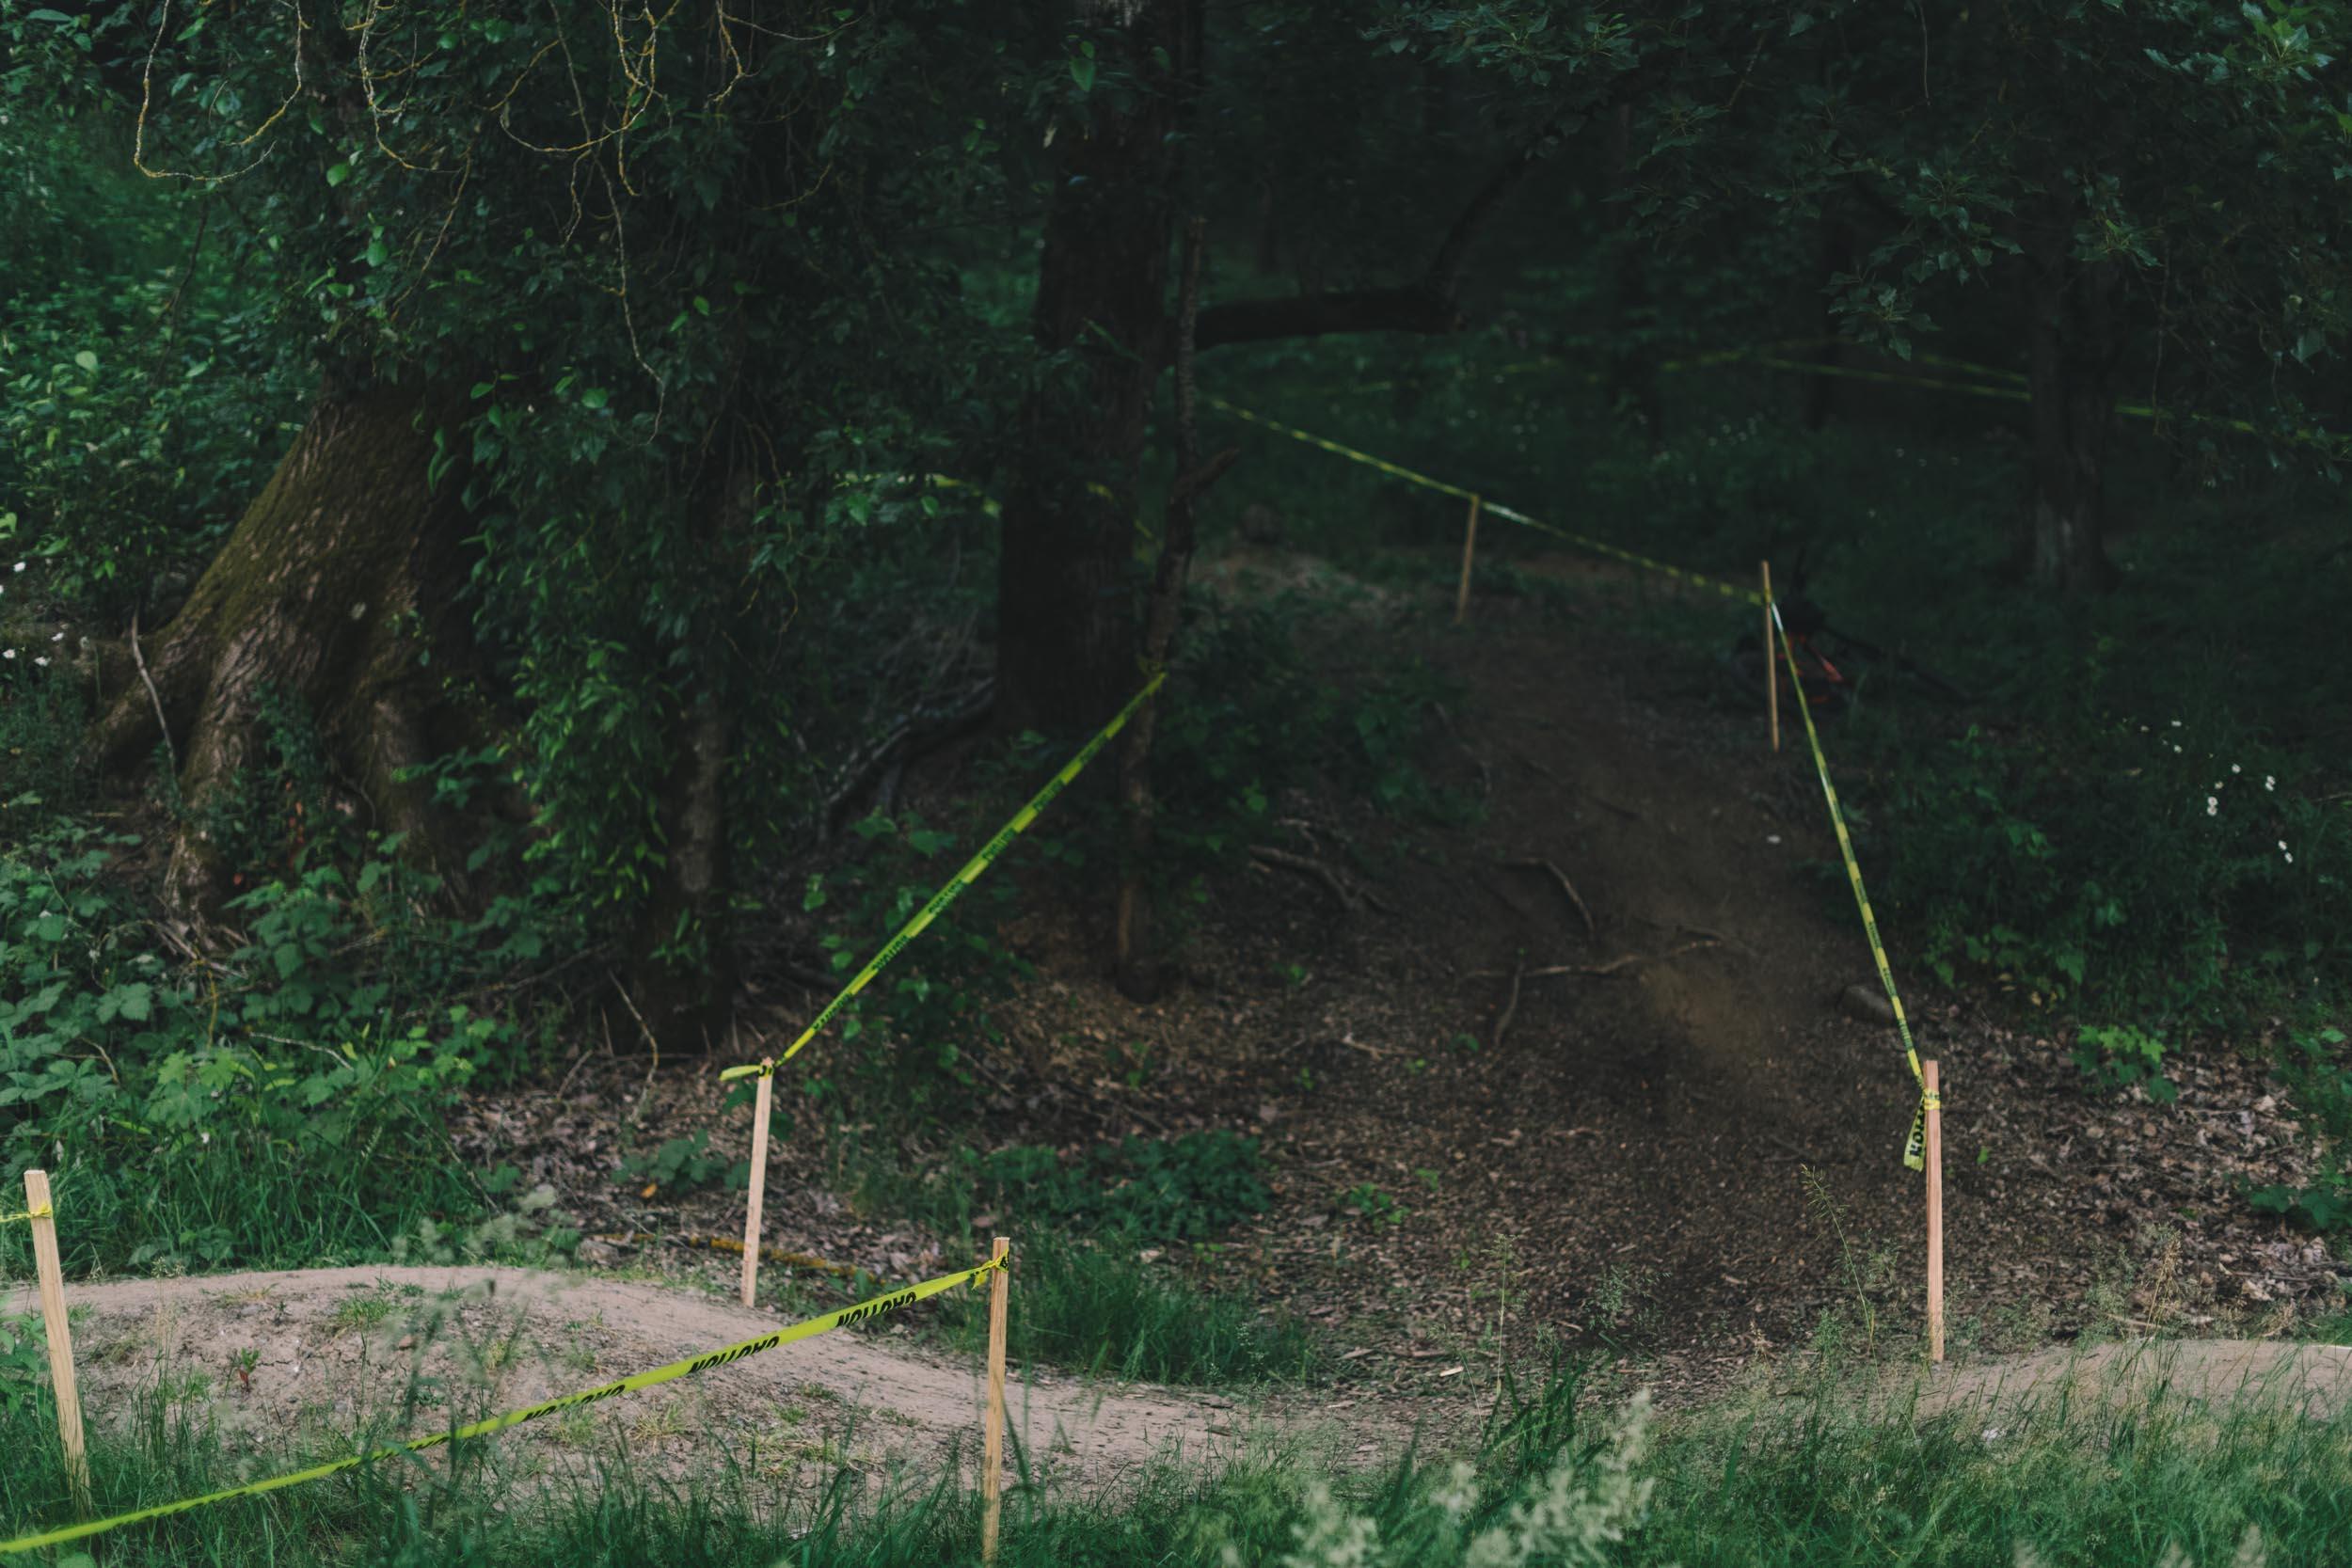 COBRA_Racing_Gateway_Miguel_Tone_11.jpg